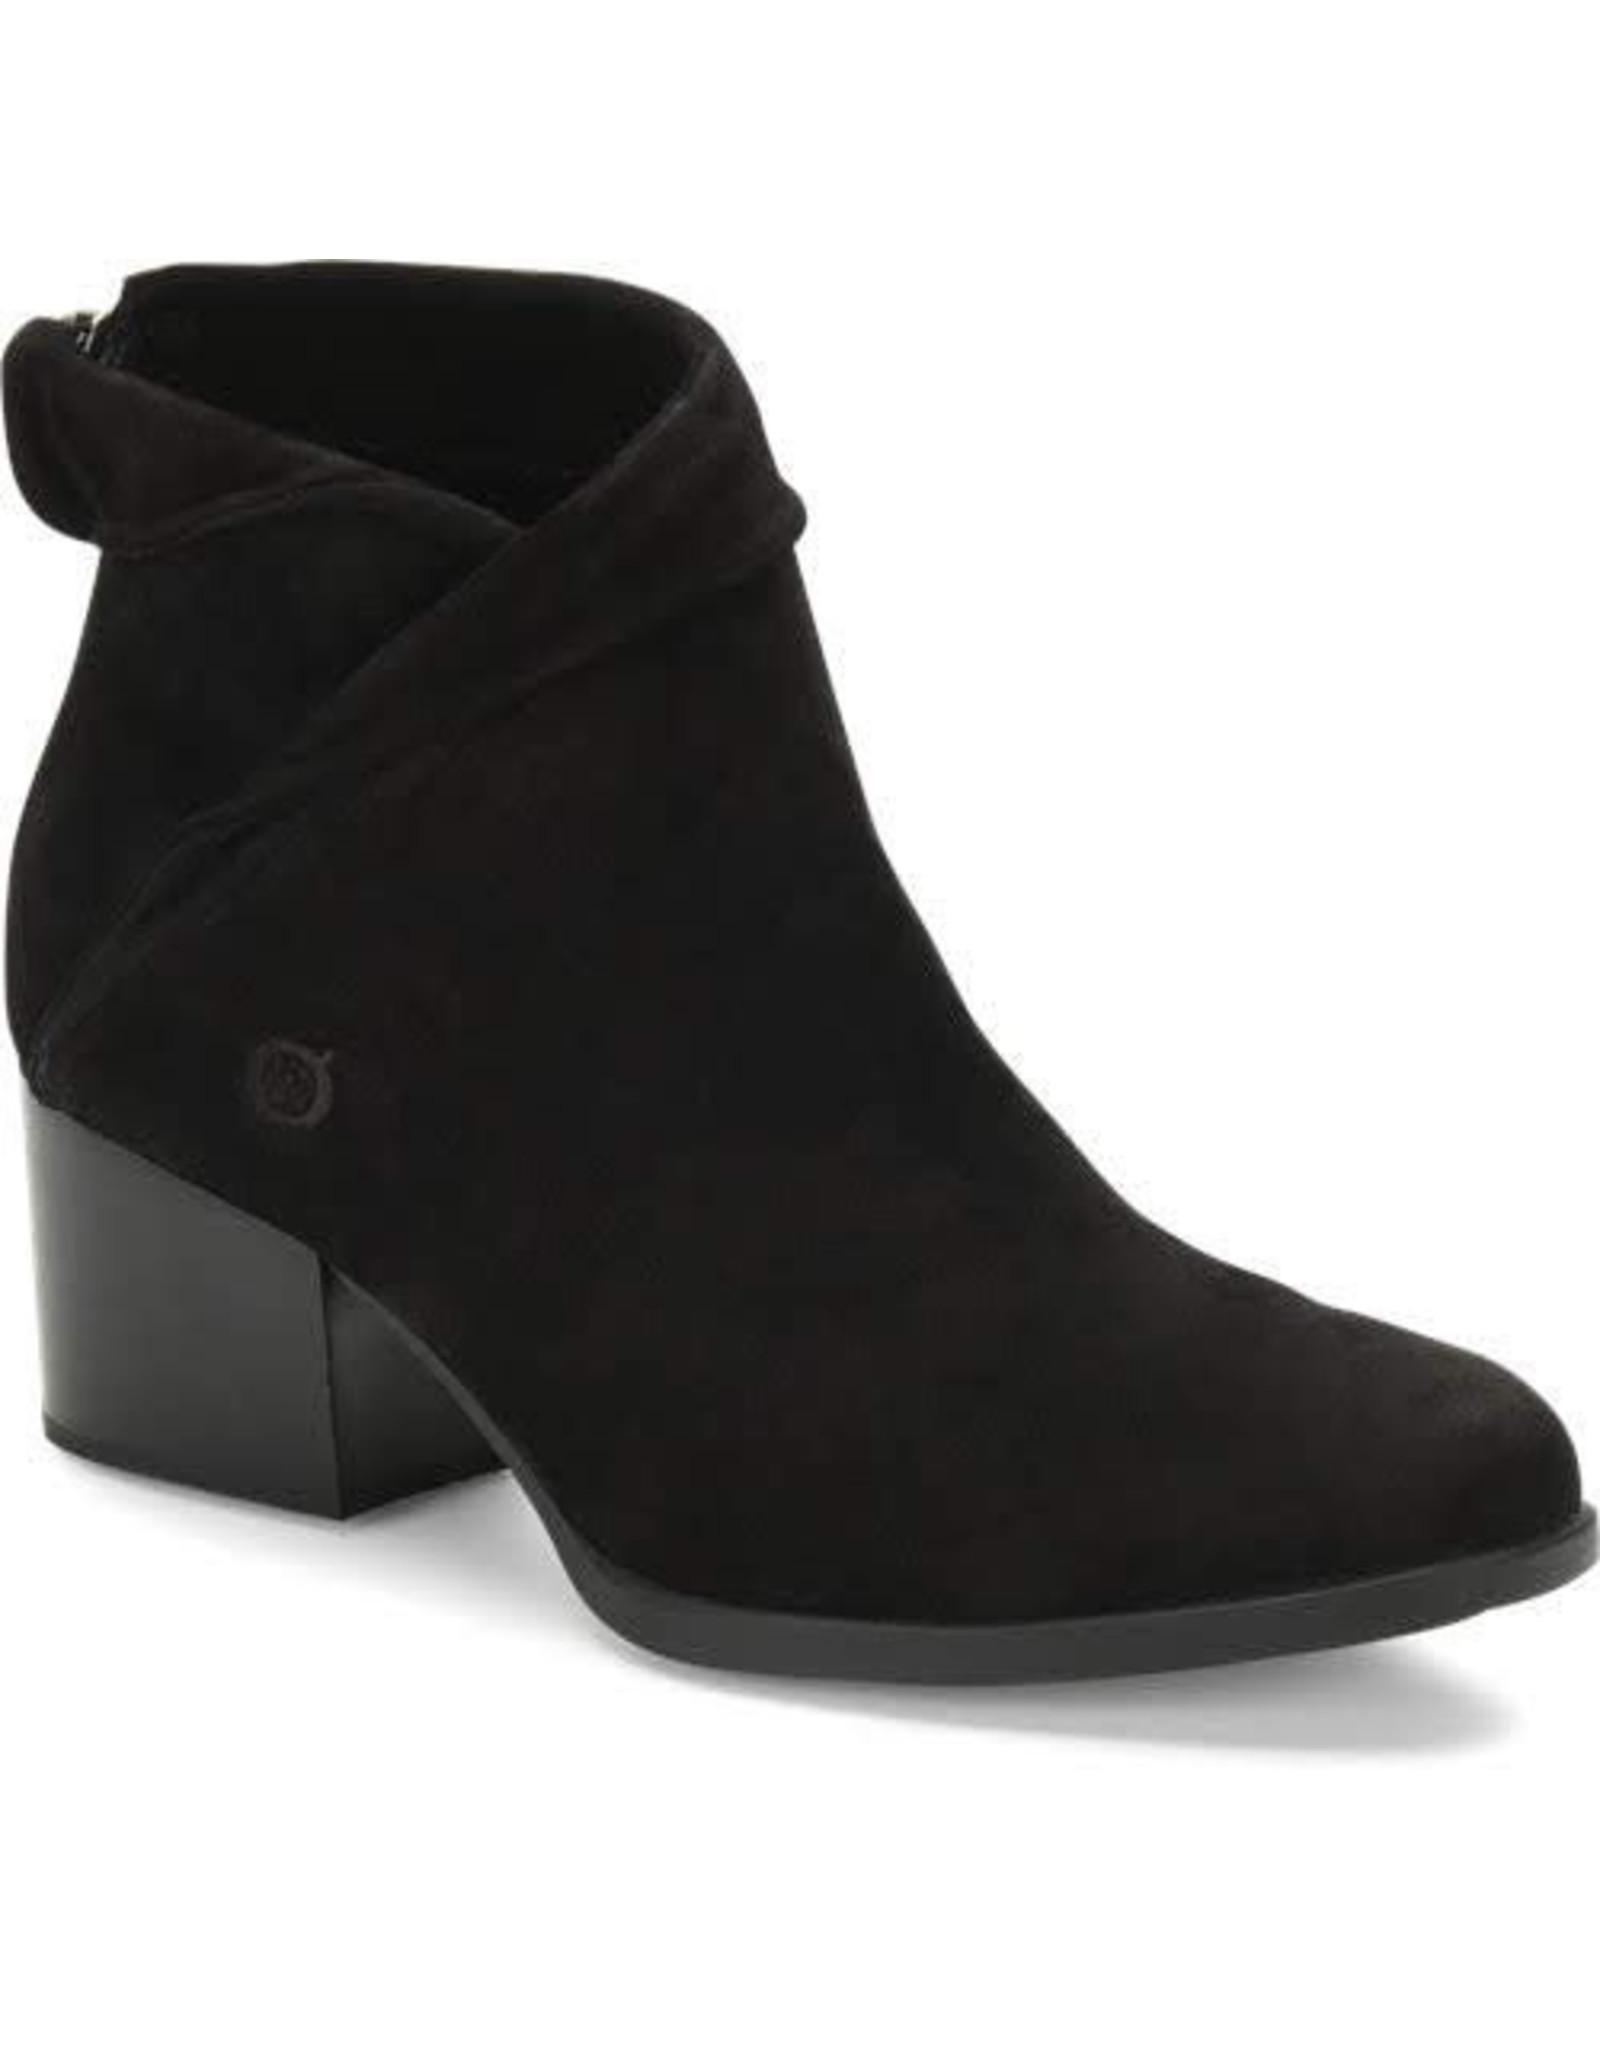 Born Shoes Abbe Bootie